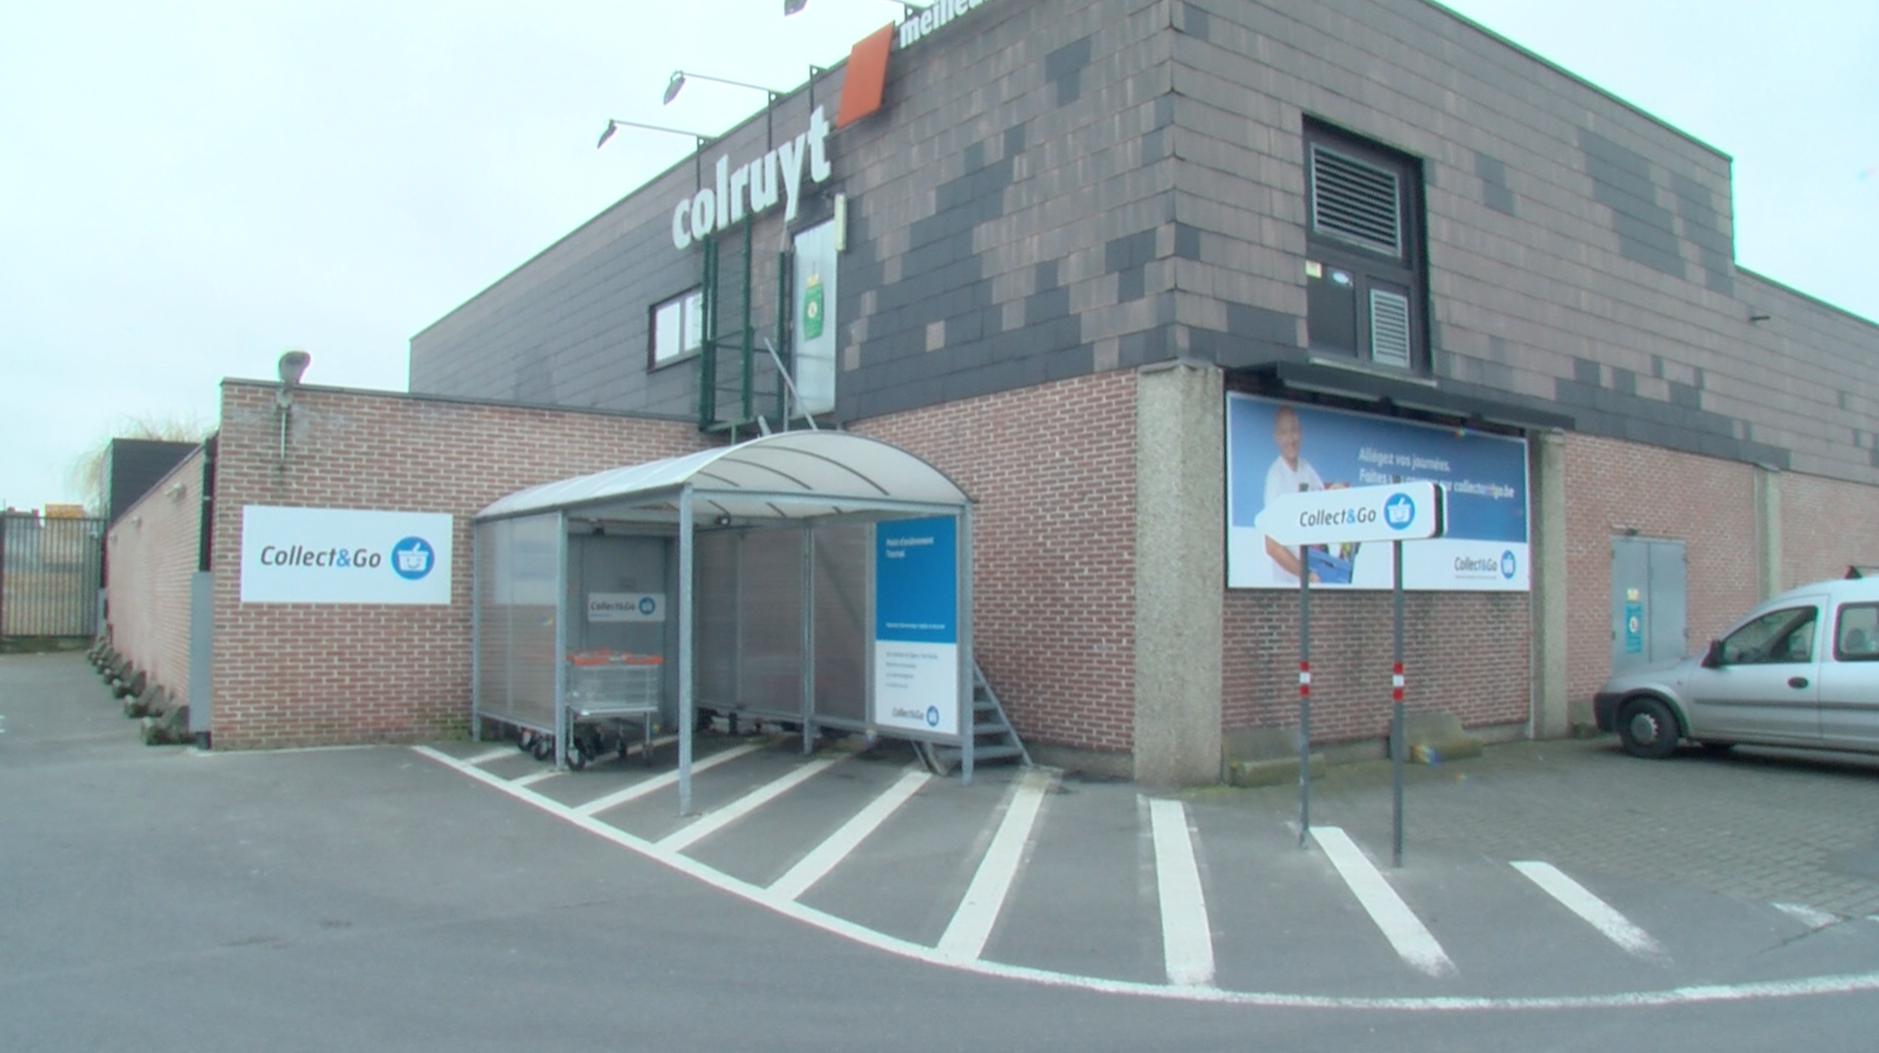 Le nouveau Colruyt à la chaussée de Renaix construit en 2019